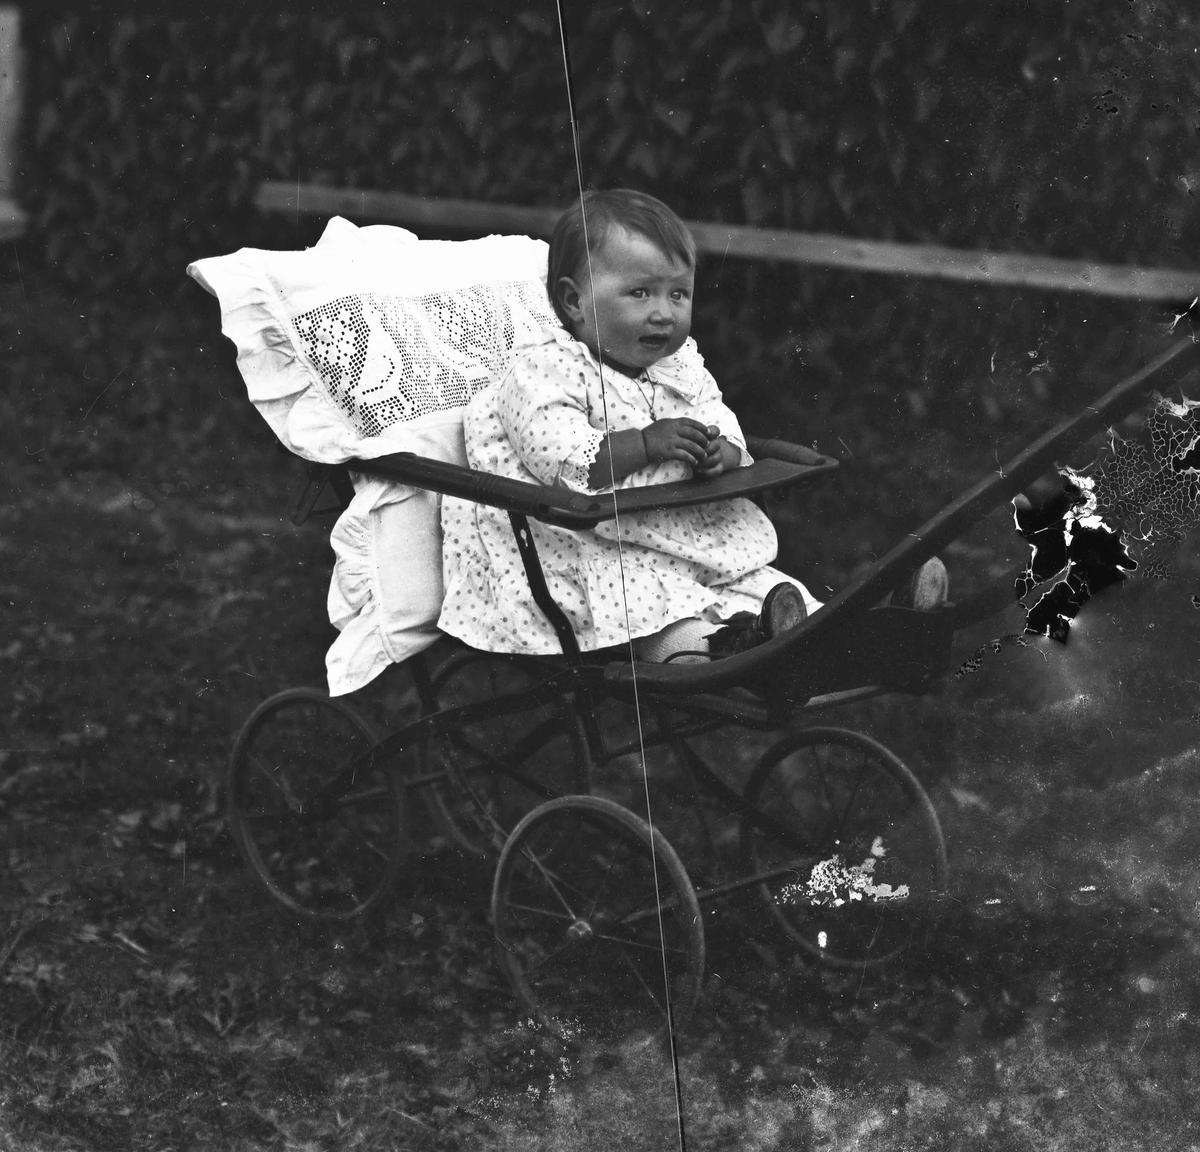 Portrett. Barn sittende i barnevogn